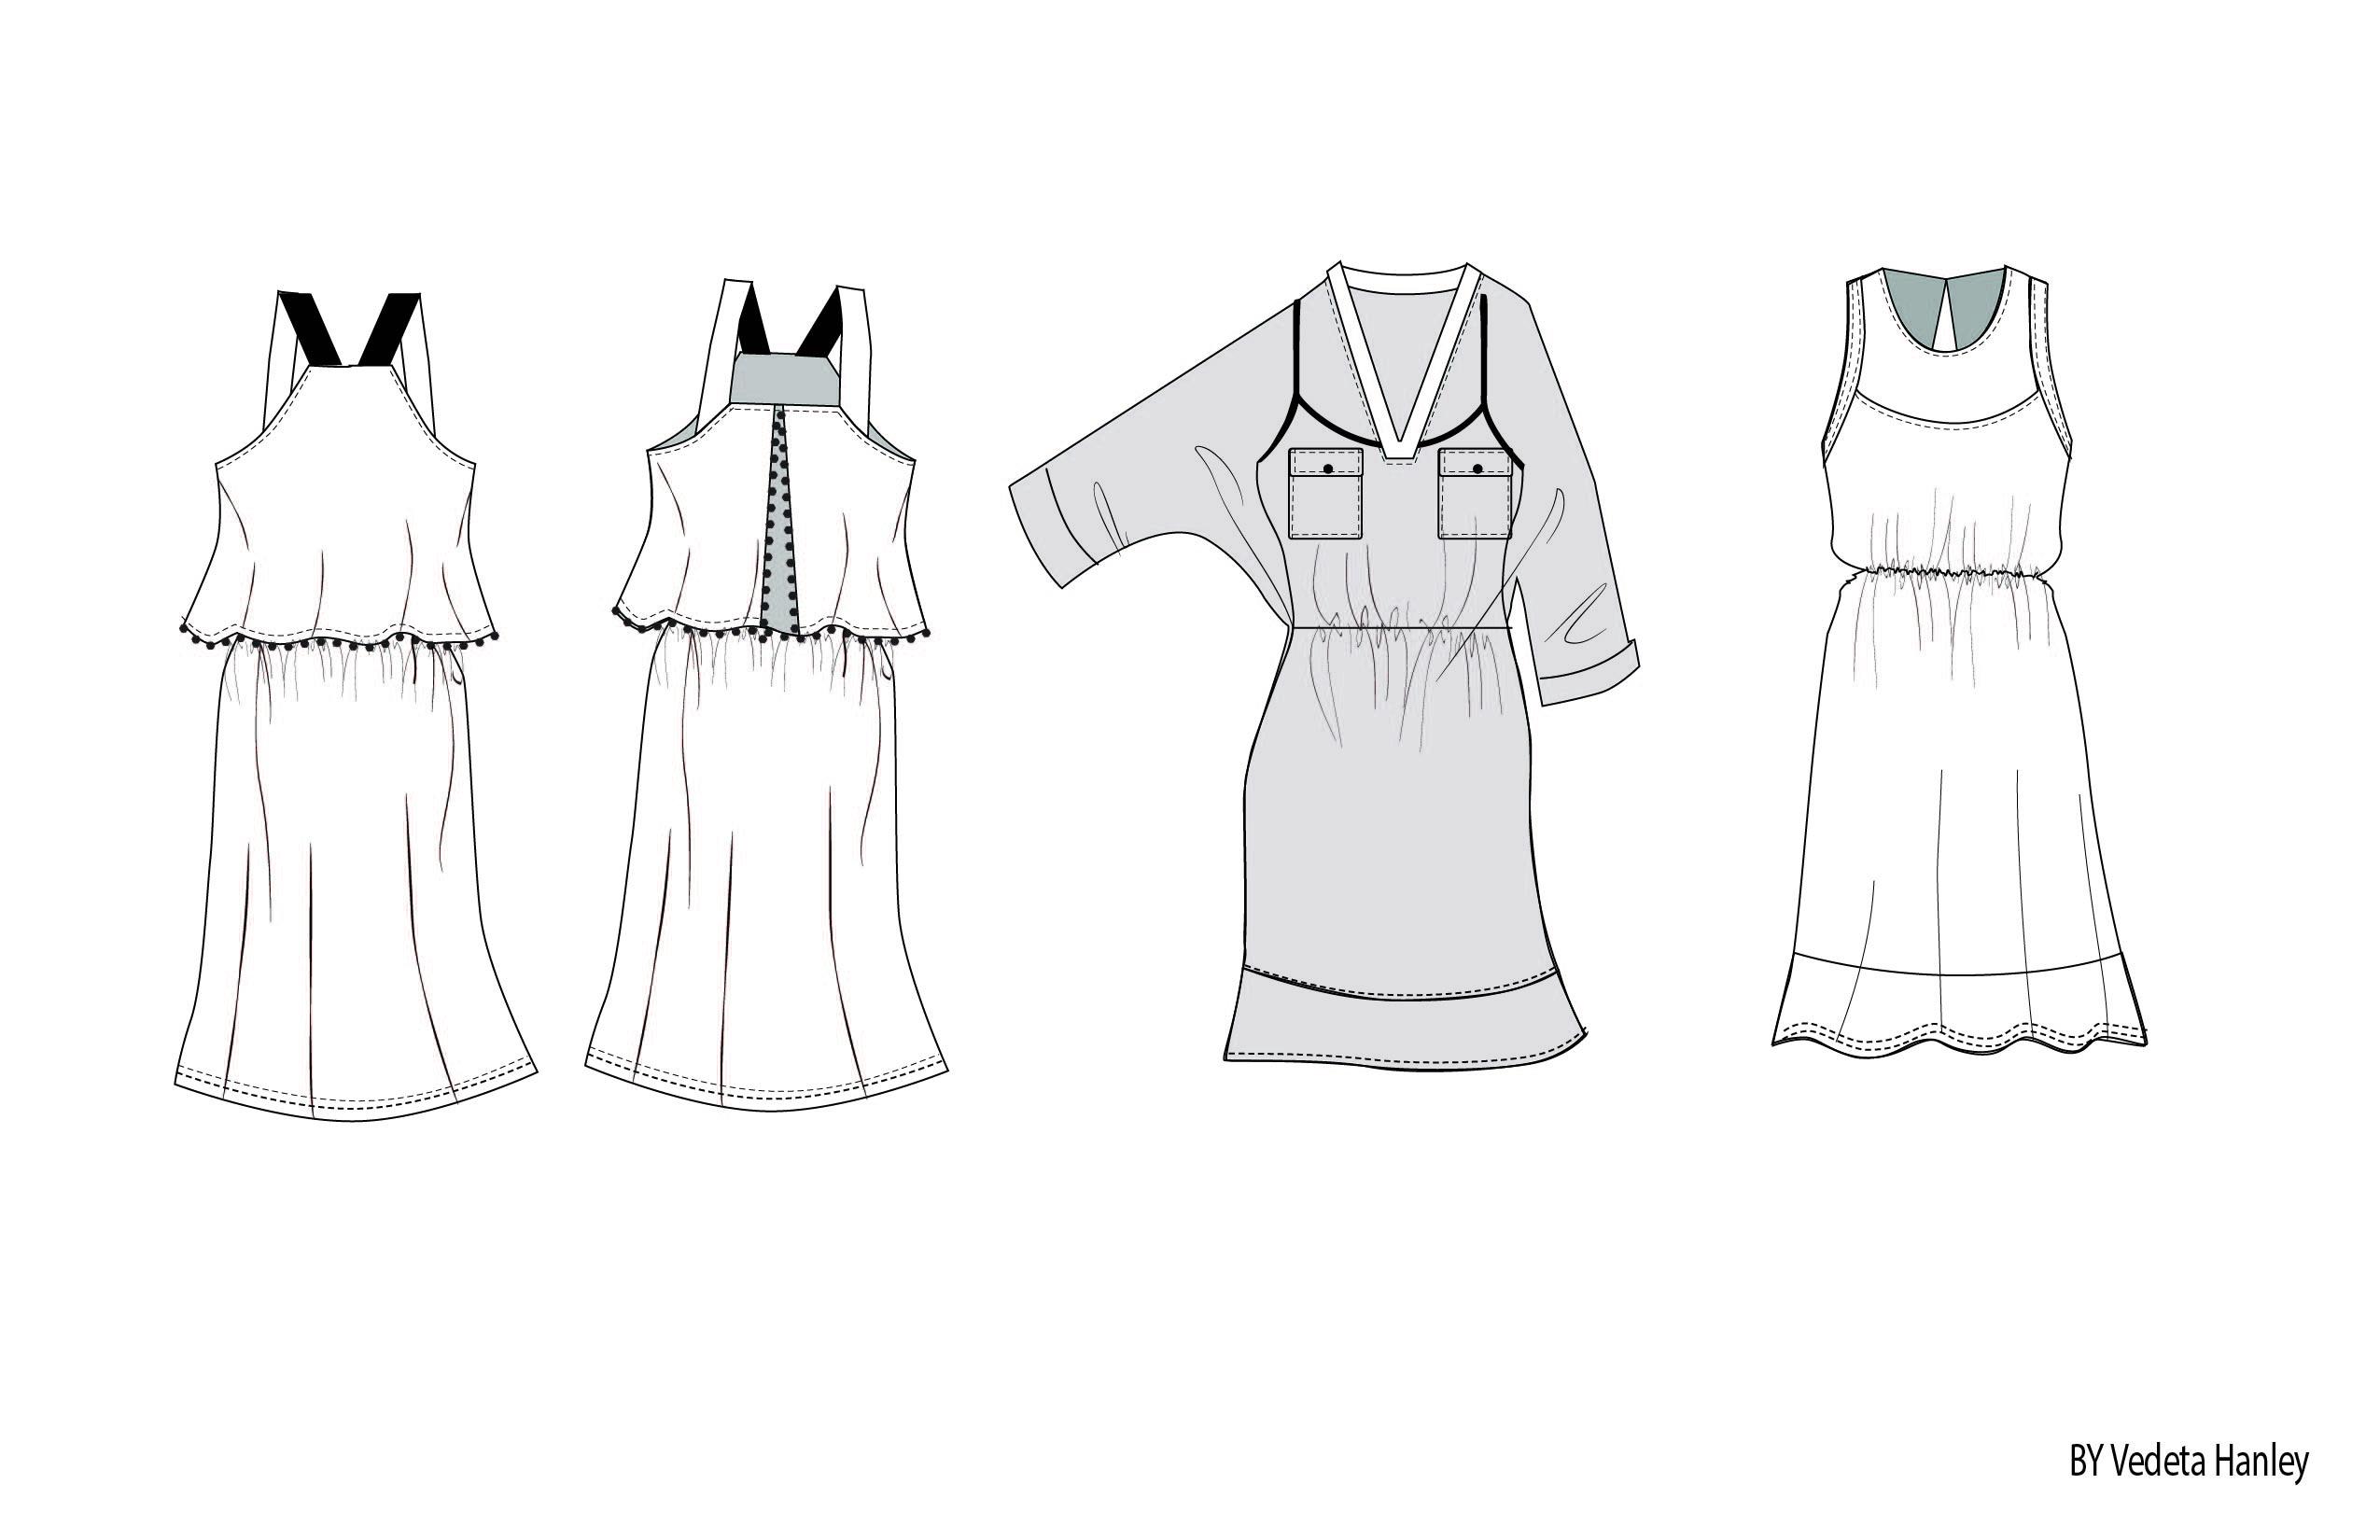 DRESSES cads by Vedeta Hanley-04.jpg